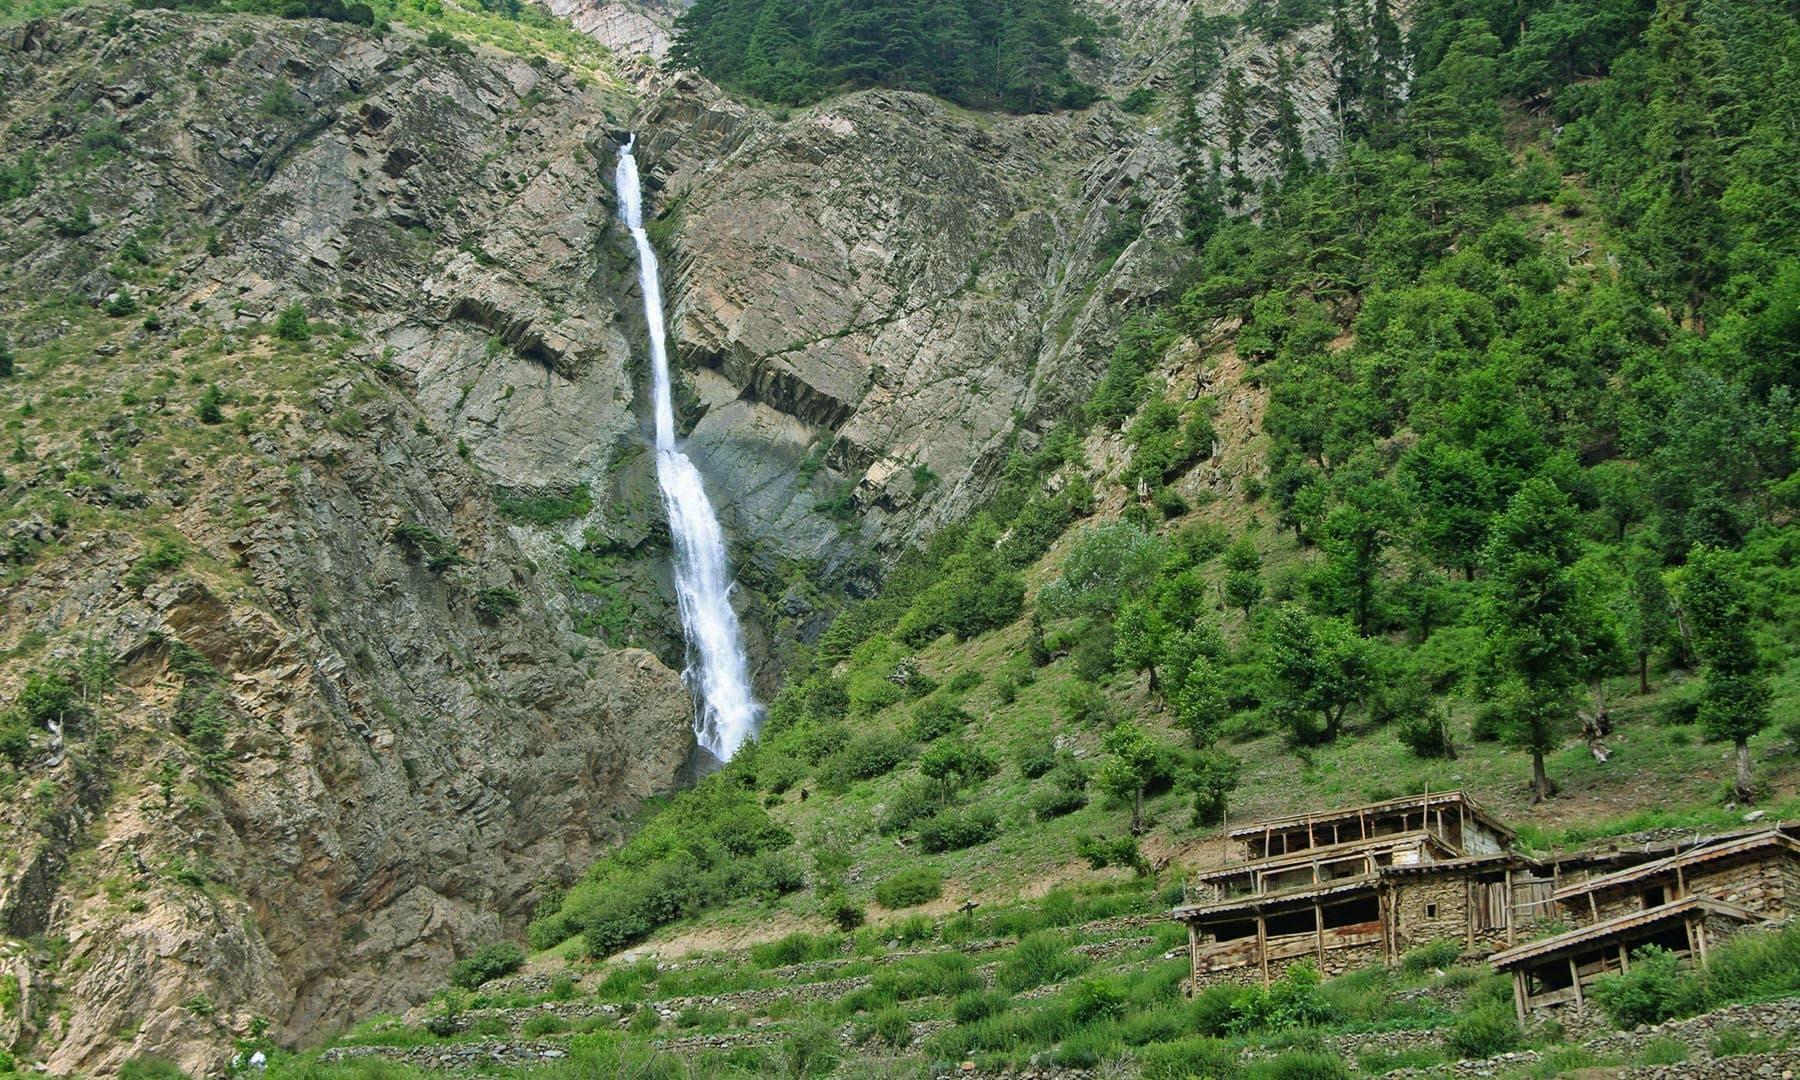 راستے میں مٹلتان کے مقام پر پاکستان کی بلند ترین آبشاروں میں سے ایک کی تصویر— تصویر امجد علی سحاب